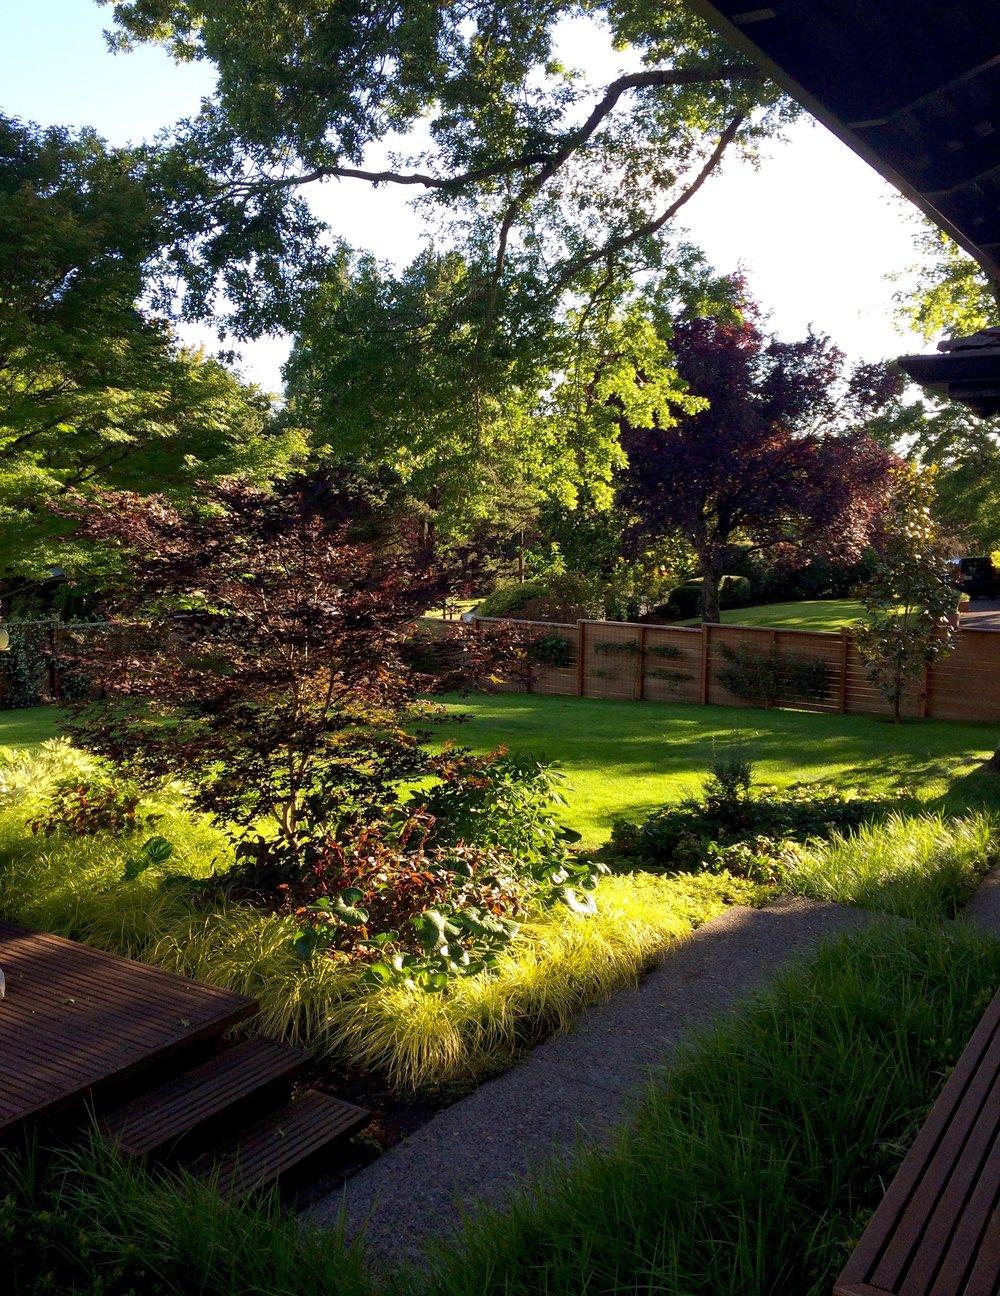 img_2226jpg - Garden Design Services